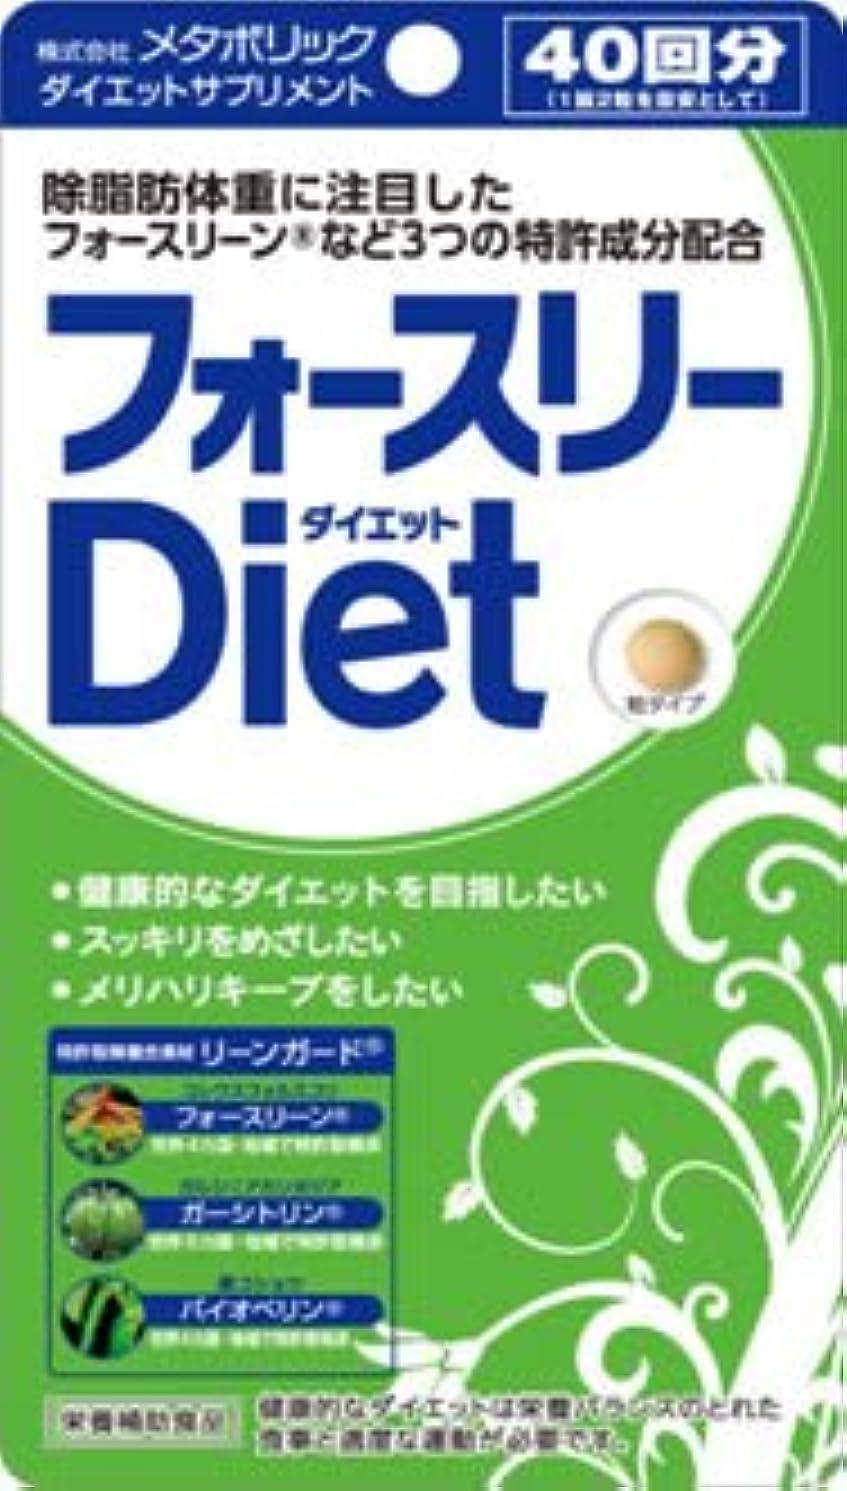 ナチュラルフェデレーションへこみメタボリック フォースリー Diet 80粒入り 40回分×5個セット ダイエット